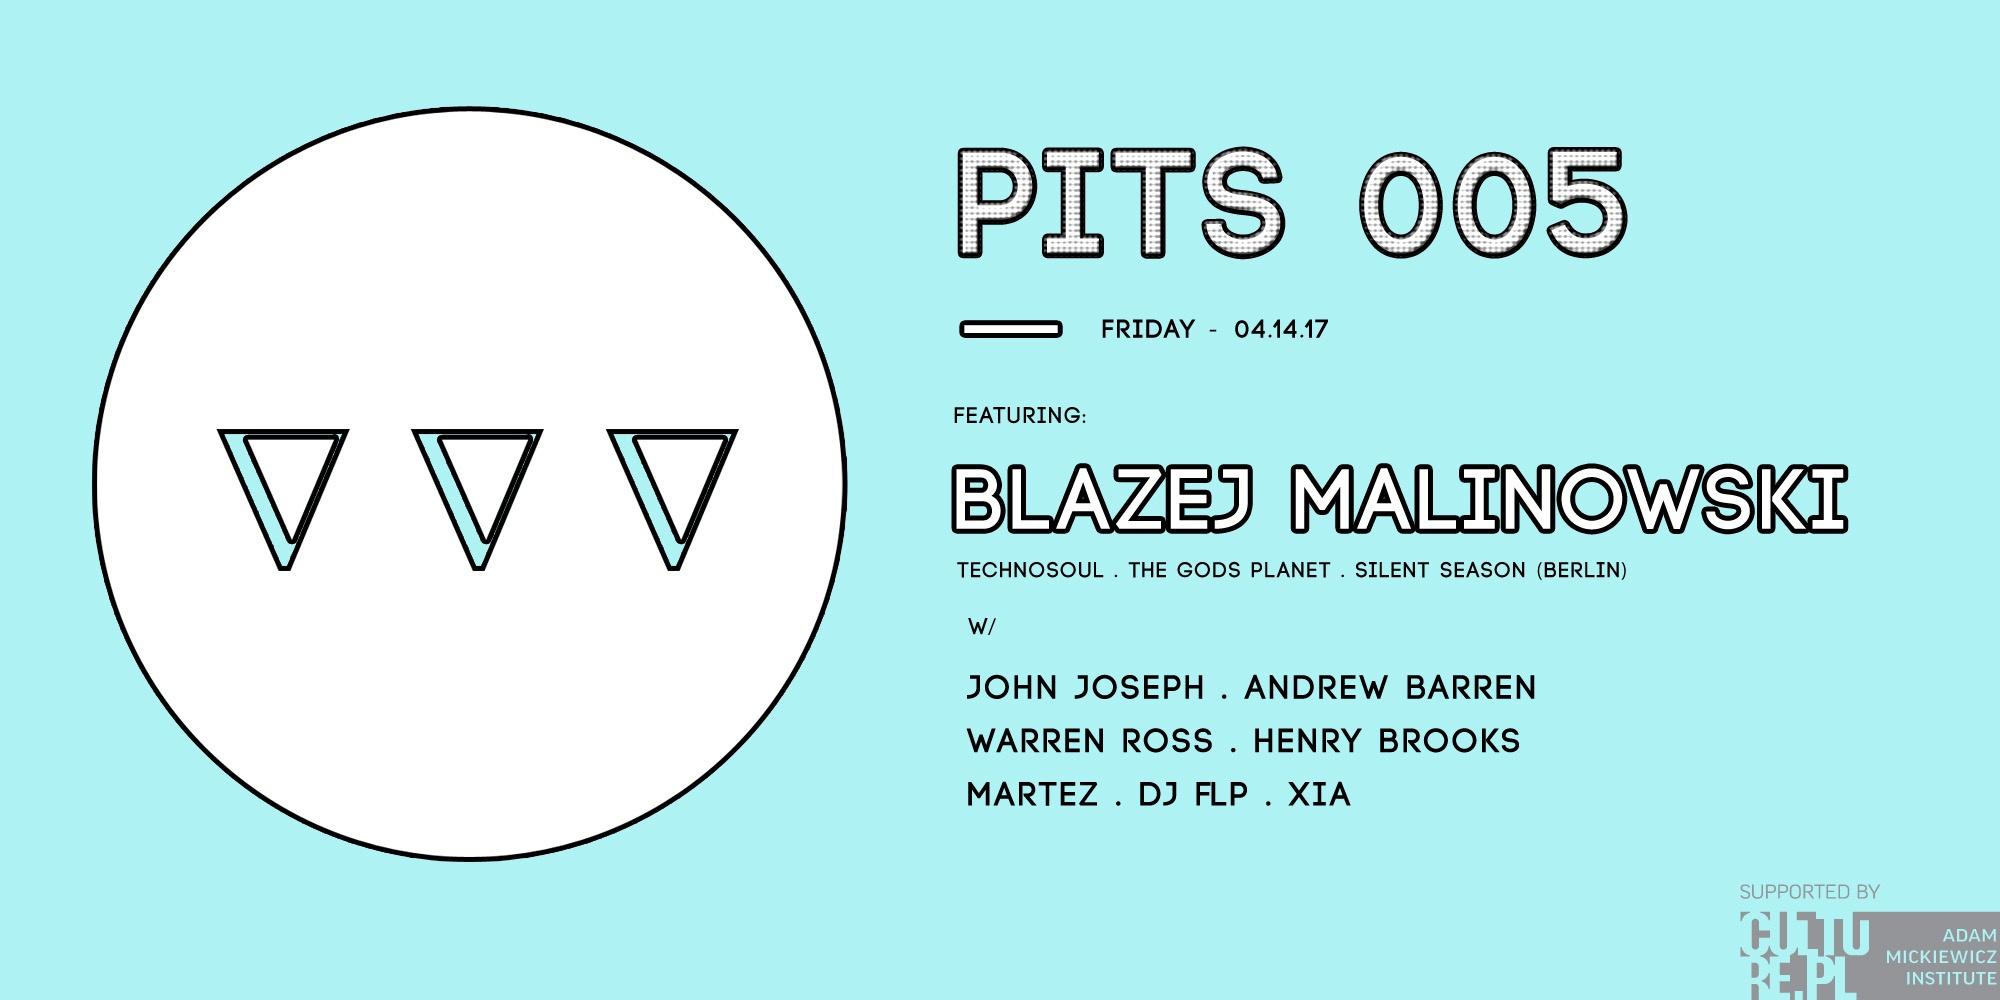 PITS 005 with Blazej Malinowski 04.14.17